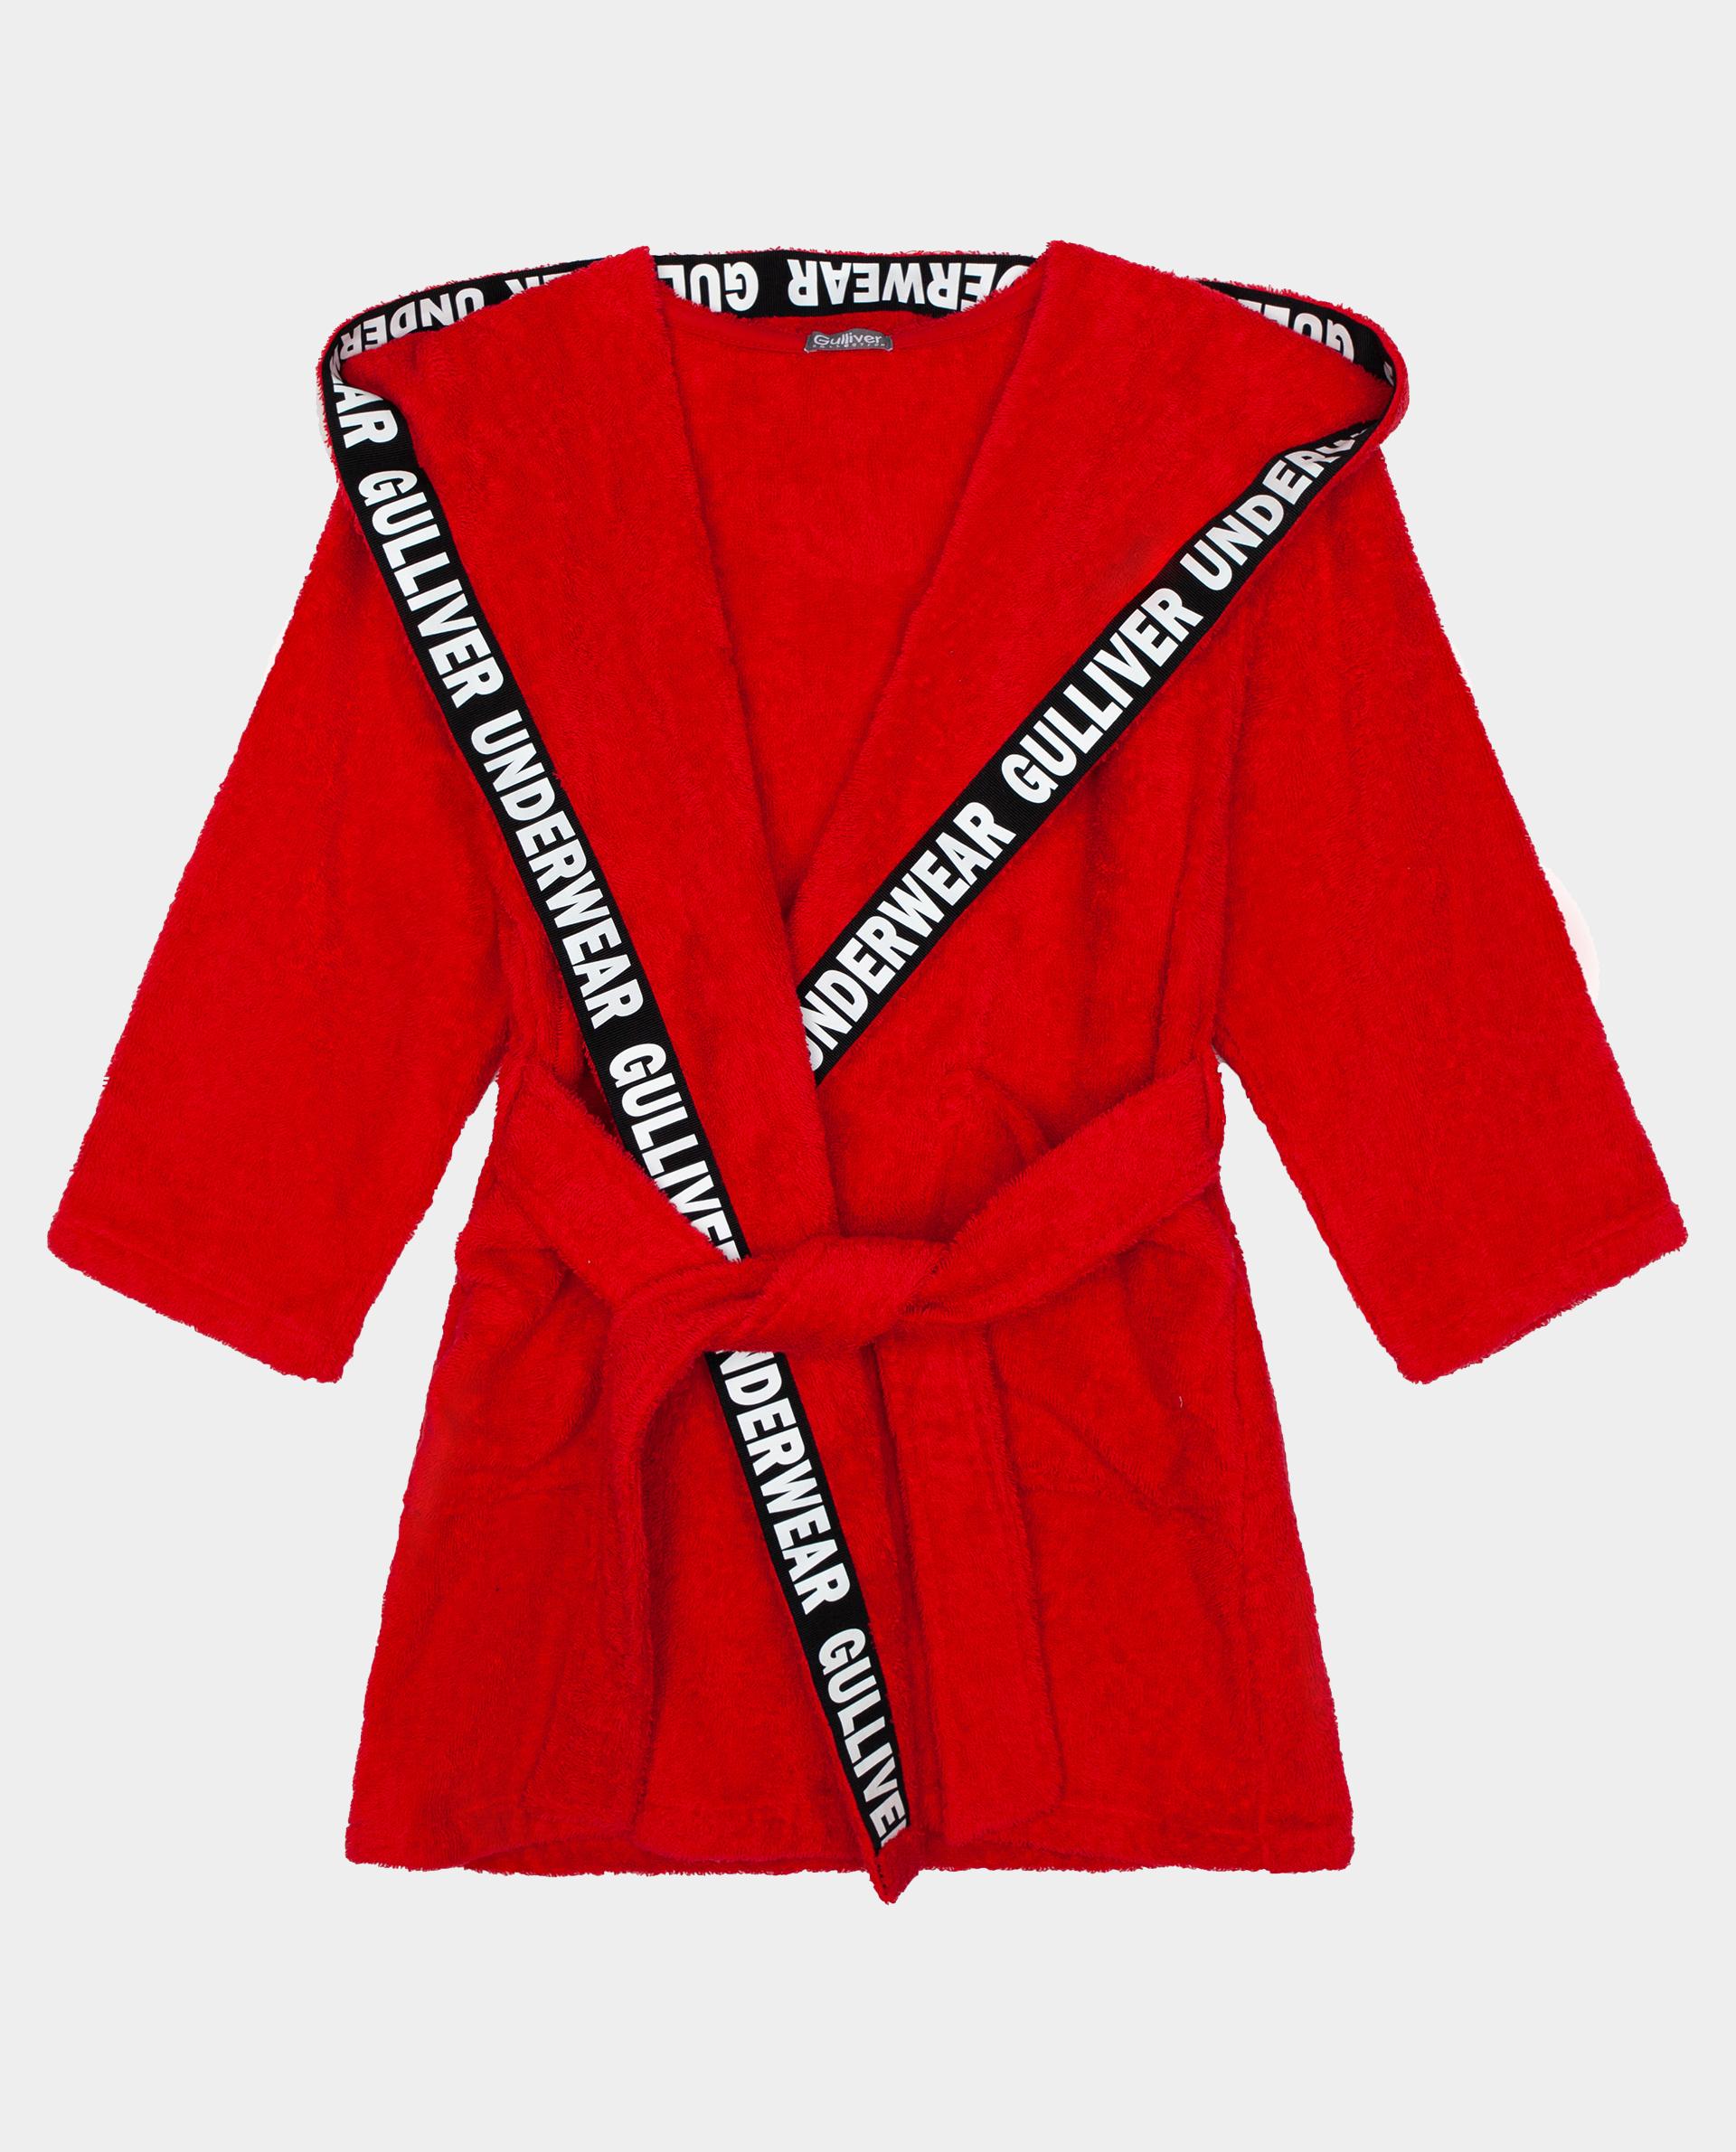 Купить 22000GC9501, Красный халат Gulliver, красный, 134-140, Хлопок, Женский, ОСЕНЬ/ЗИМА 2020-2021 (shop: GulliverMarket Gulliver Market)